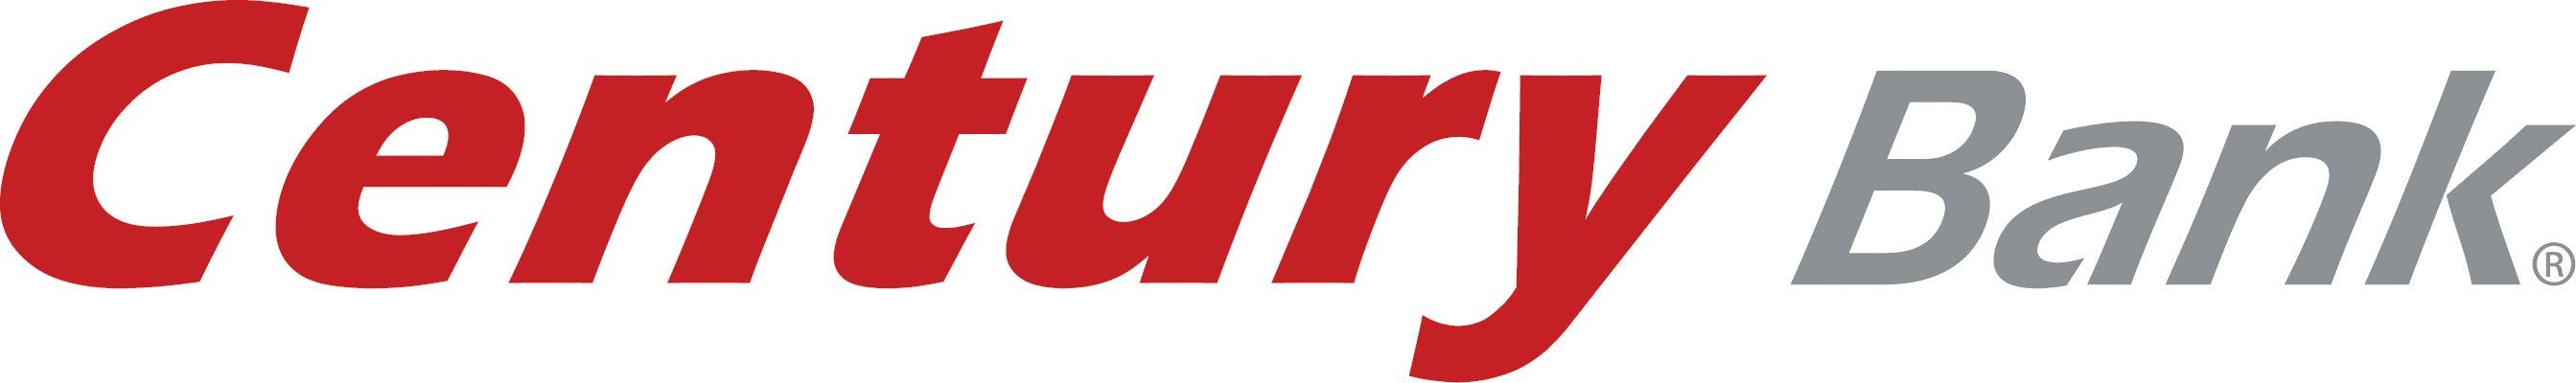 CNBKA logo